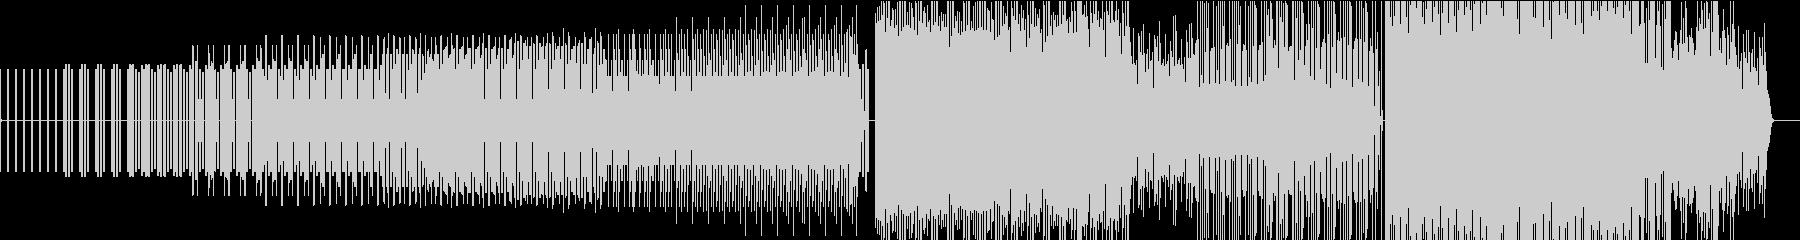 ミニマルな電子音とリズムの未再生の波形